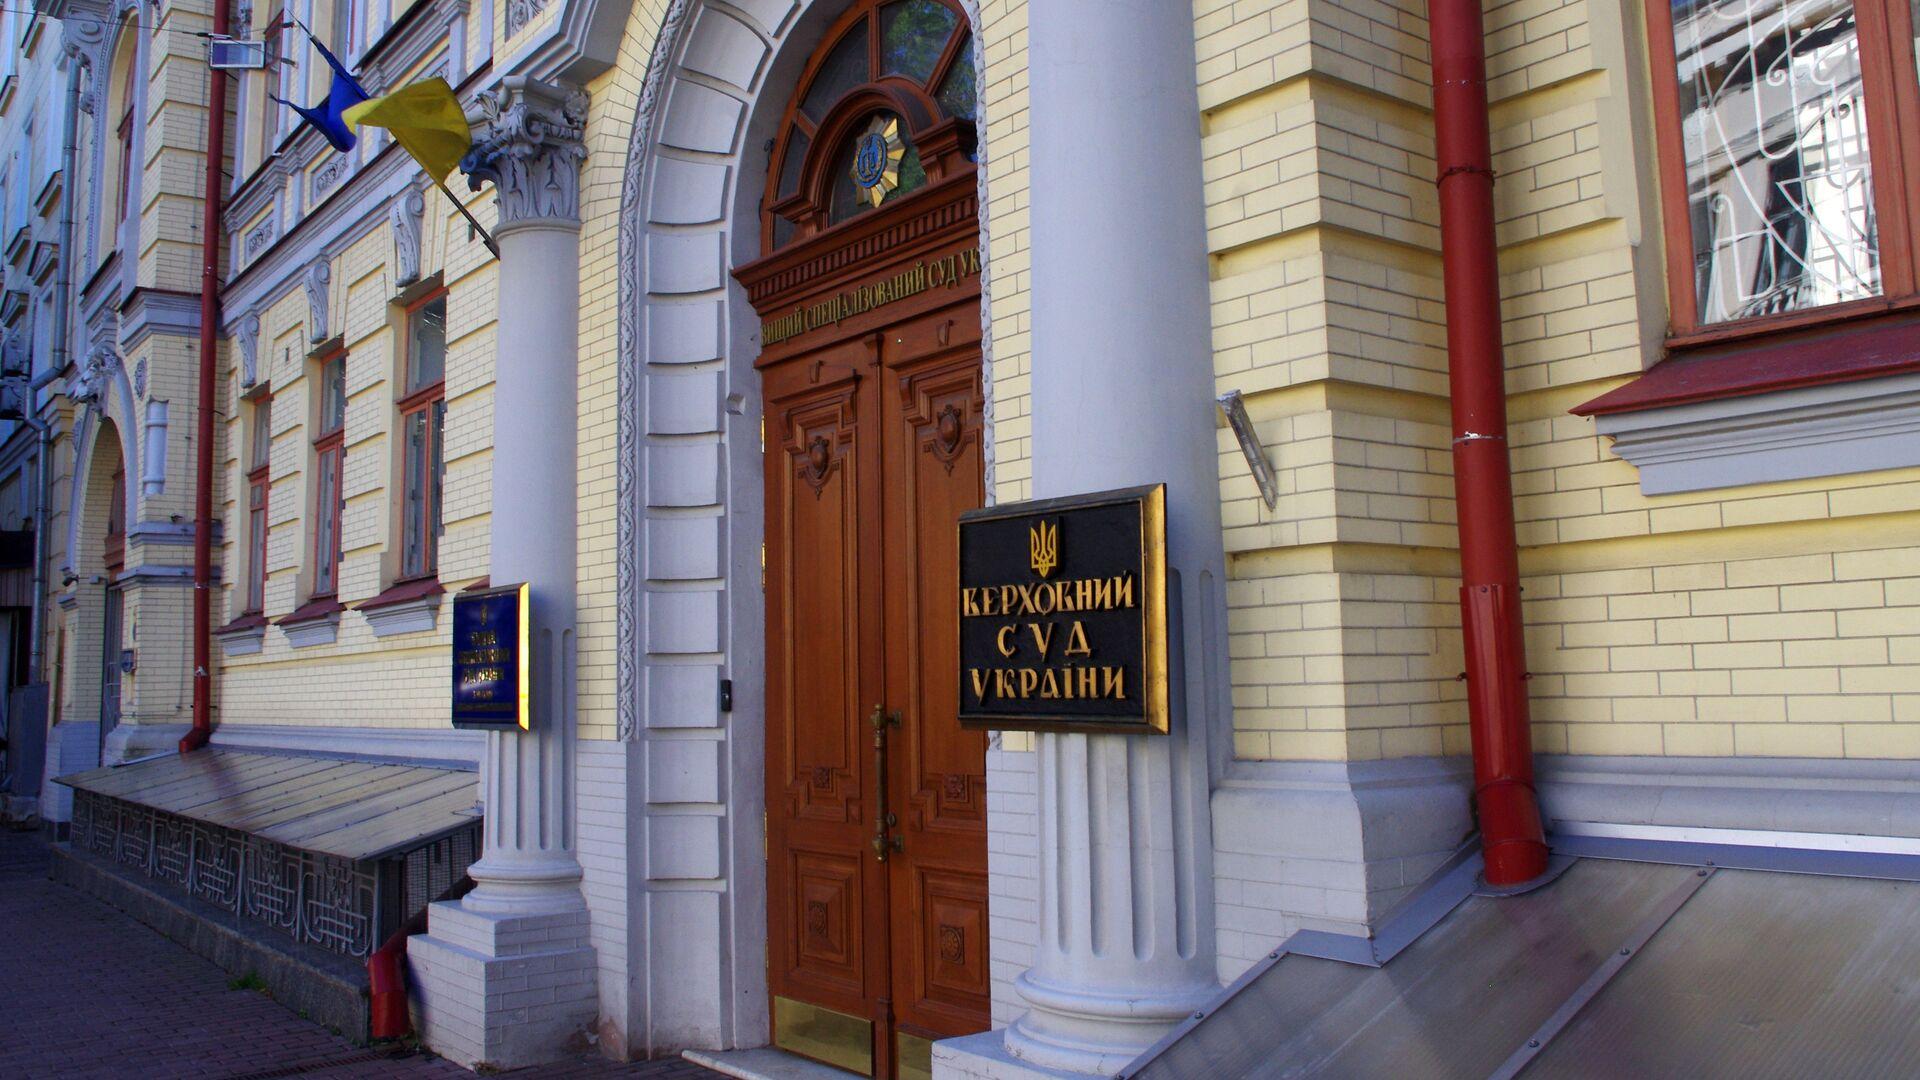 Вход в задние Верховного суда Украины в Киеве  - РИА Новости, 1920, 19.07.2021